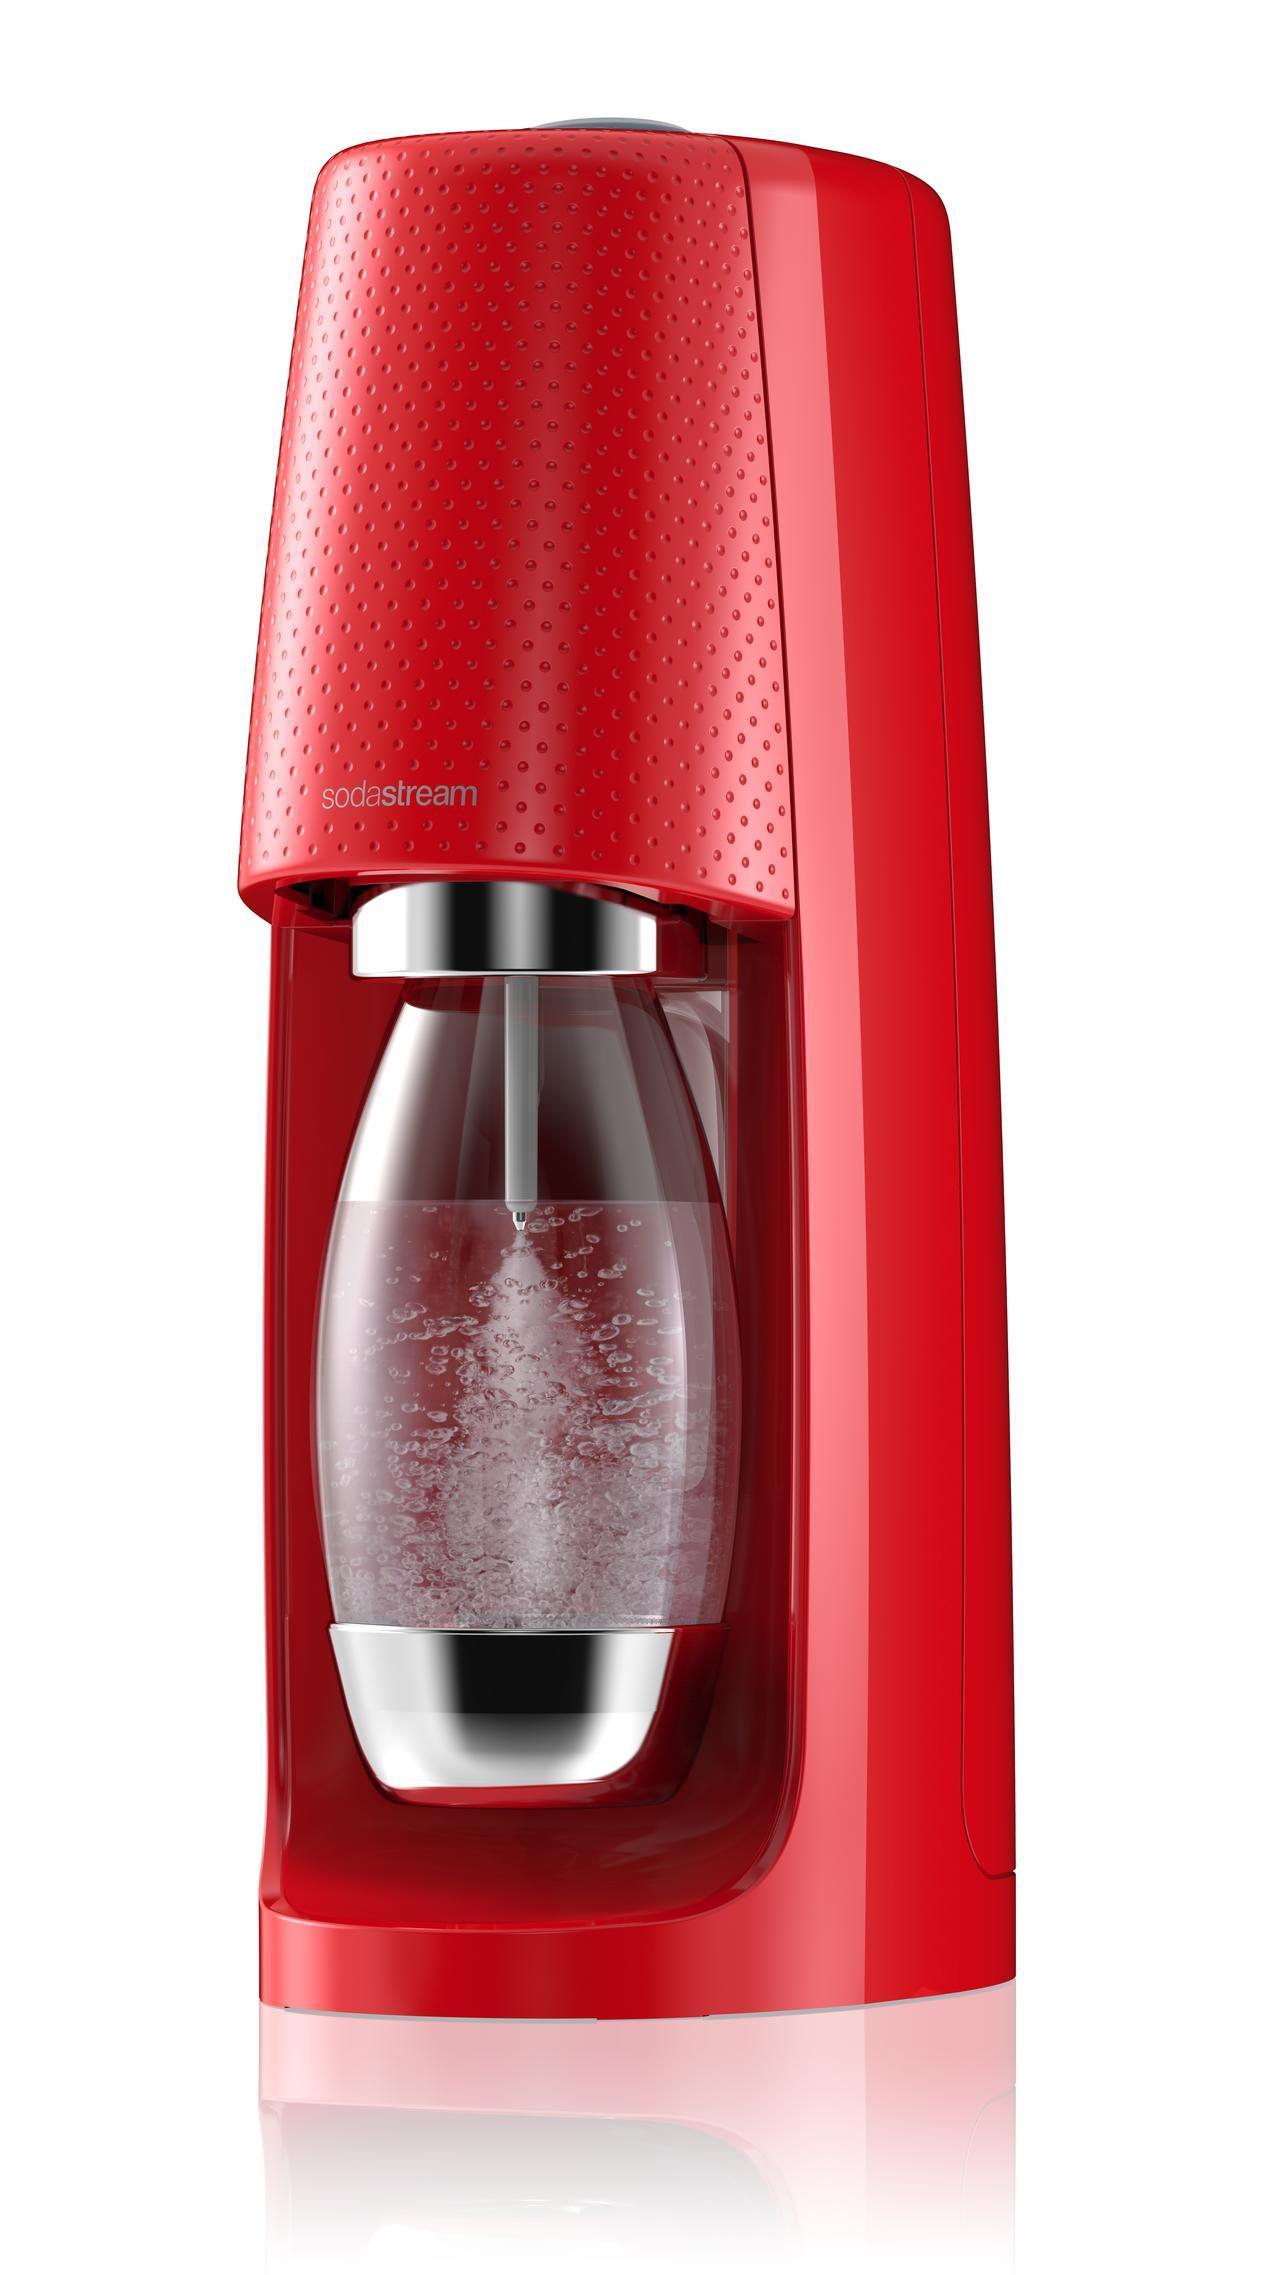 画像1: 世界で人気の「SodaStream」にコンパクトな「mini」が登場!日本限定で9月発売予定